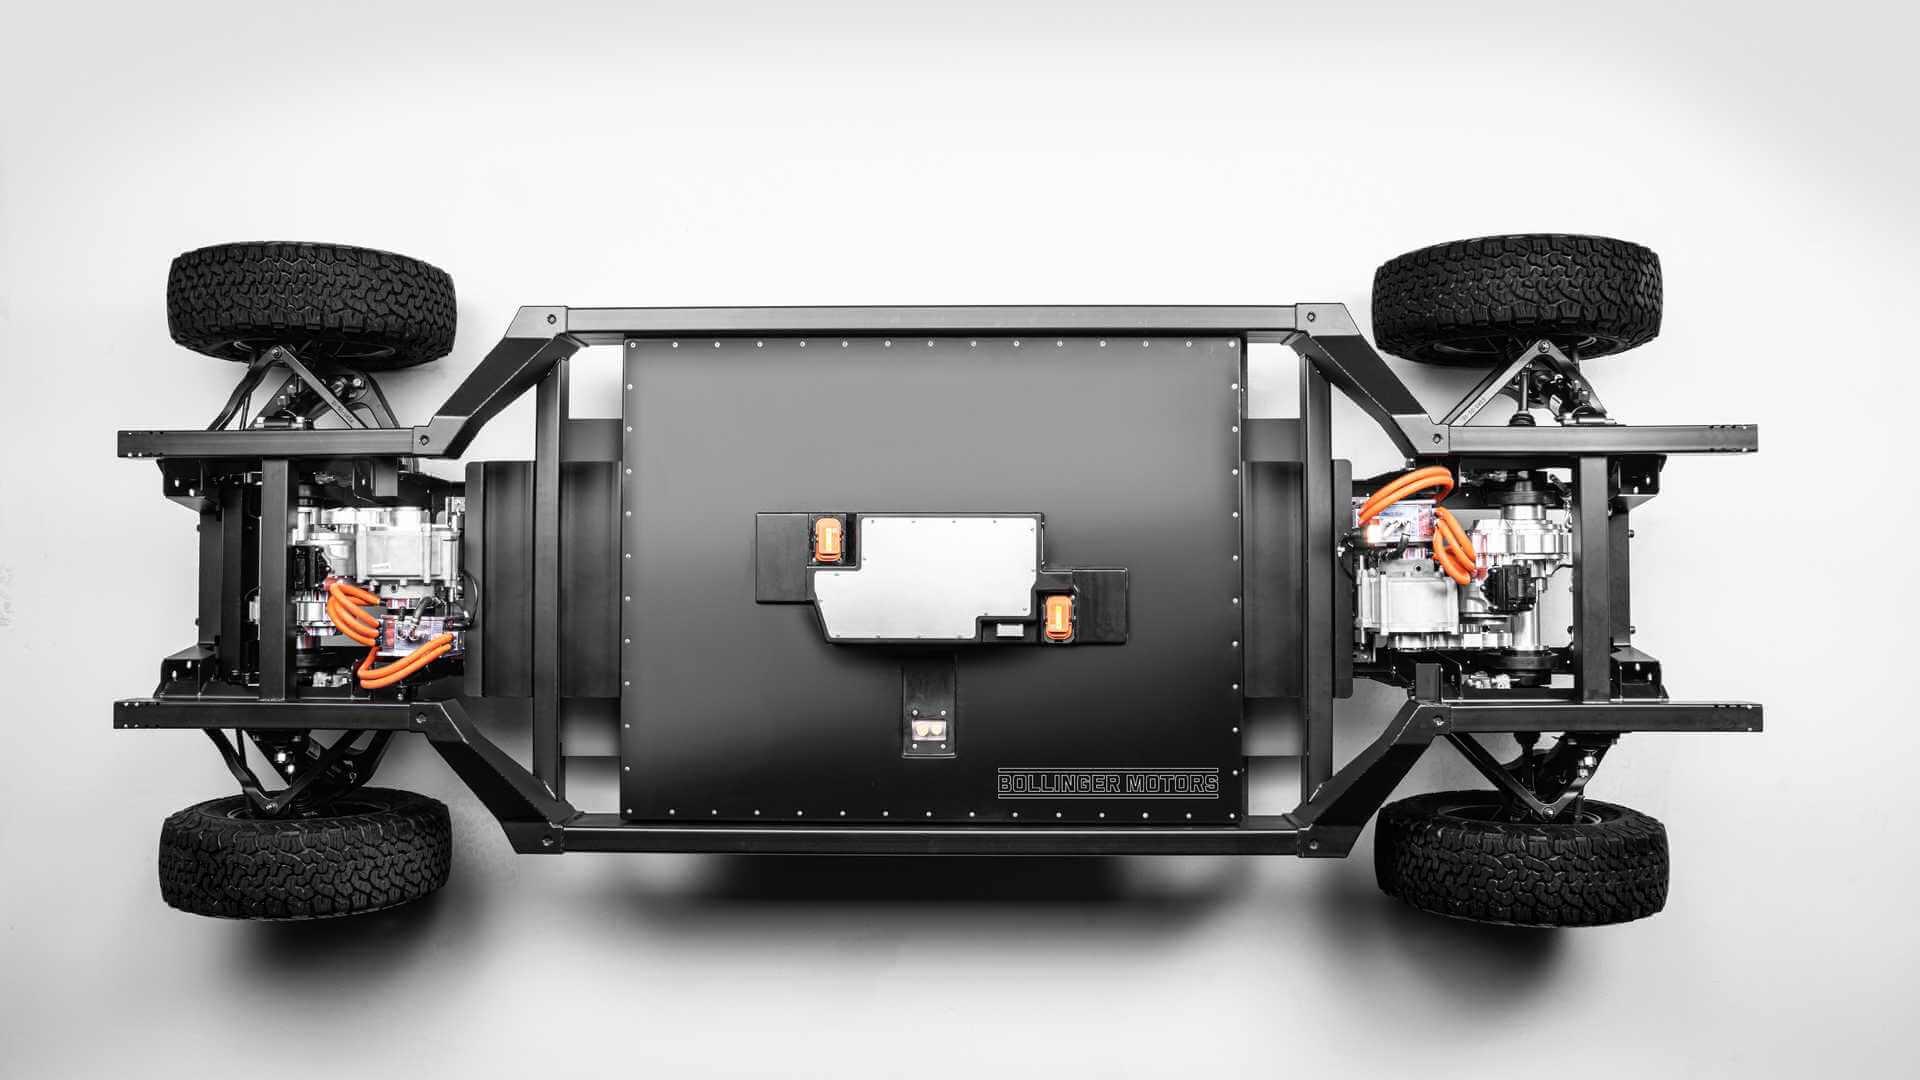 Bollinger E-Chassis первая и единственная в мире EV-платформа 3 класса